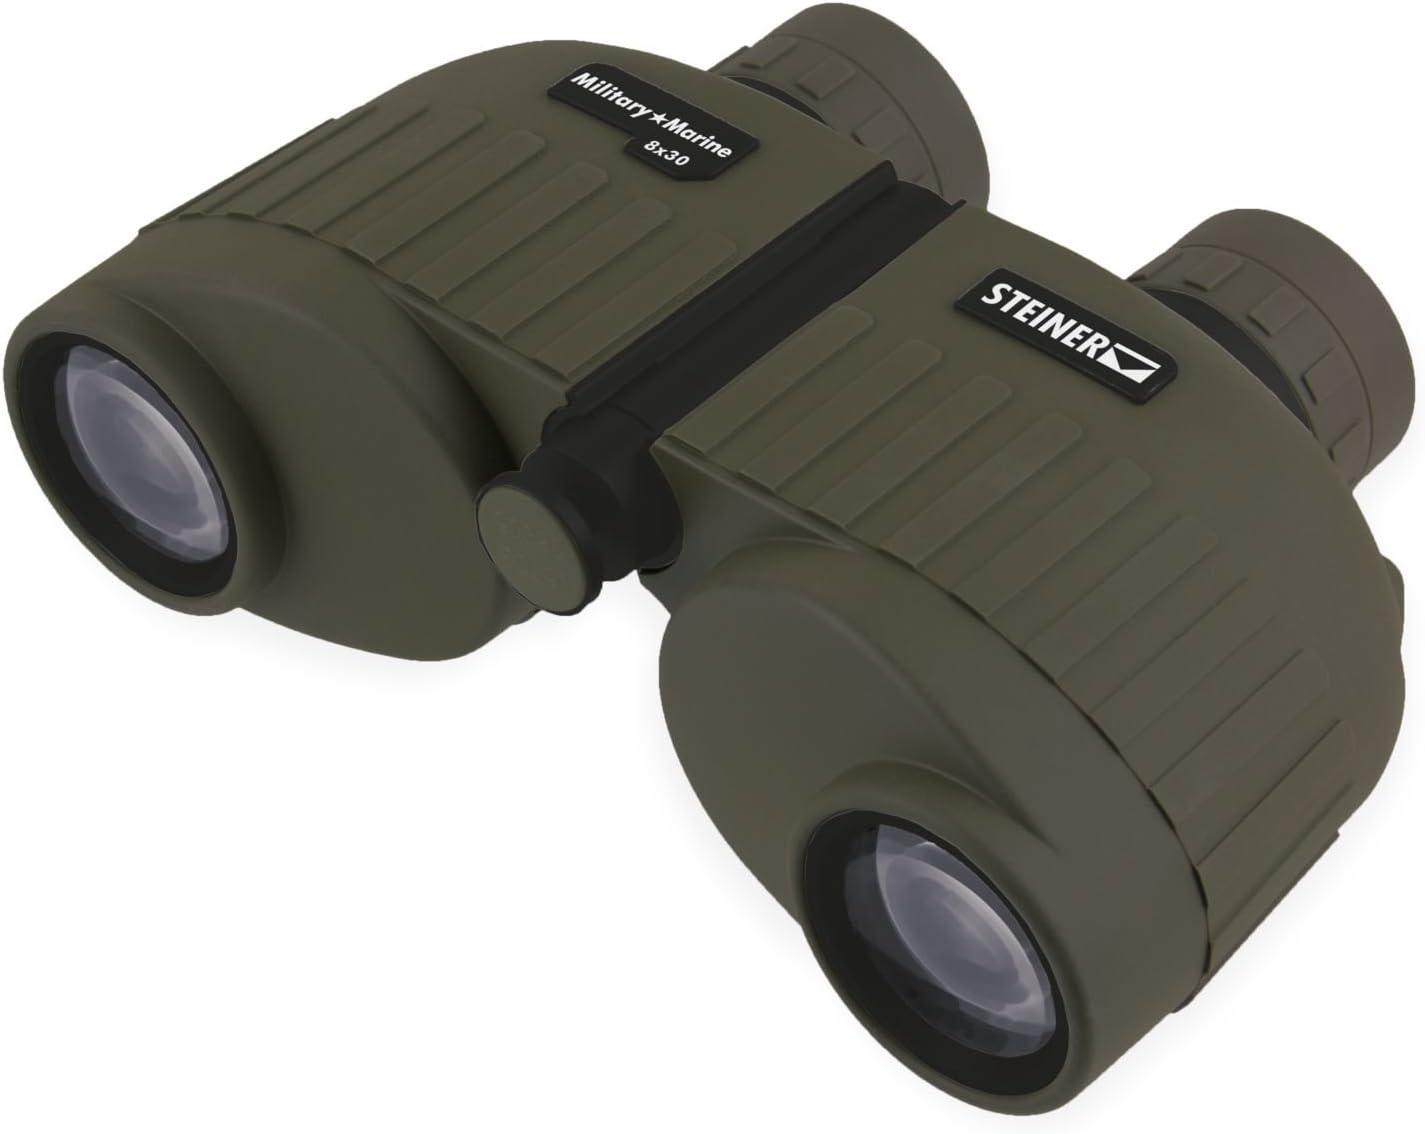 Steiner 2033 Military-Marine 8×30 Binoculars